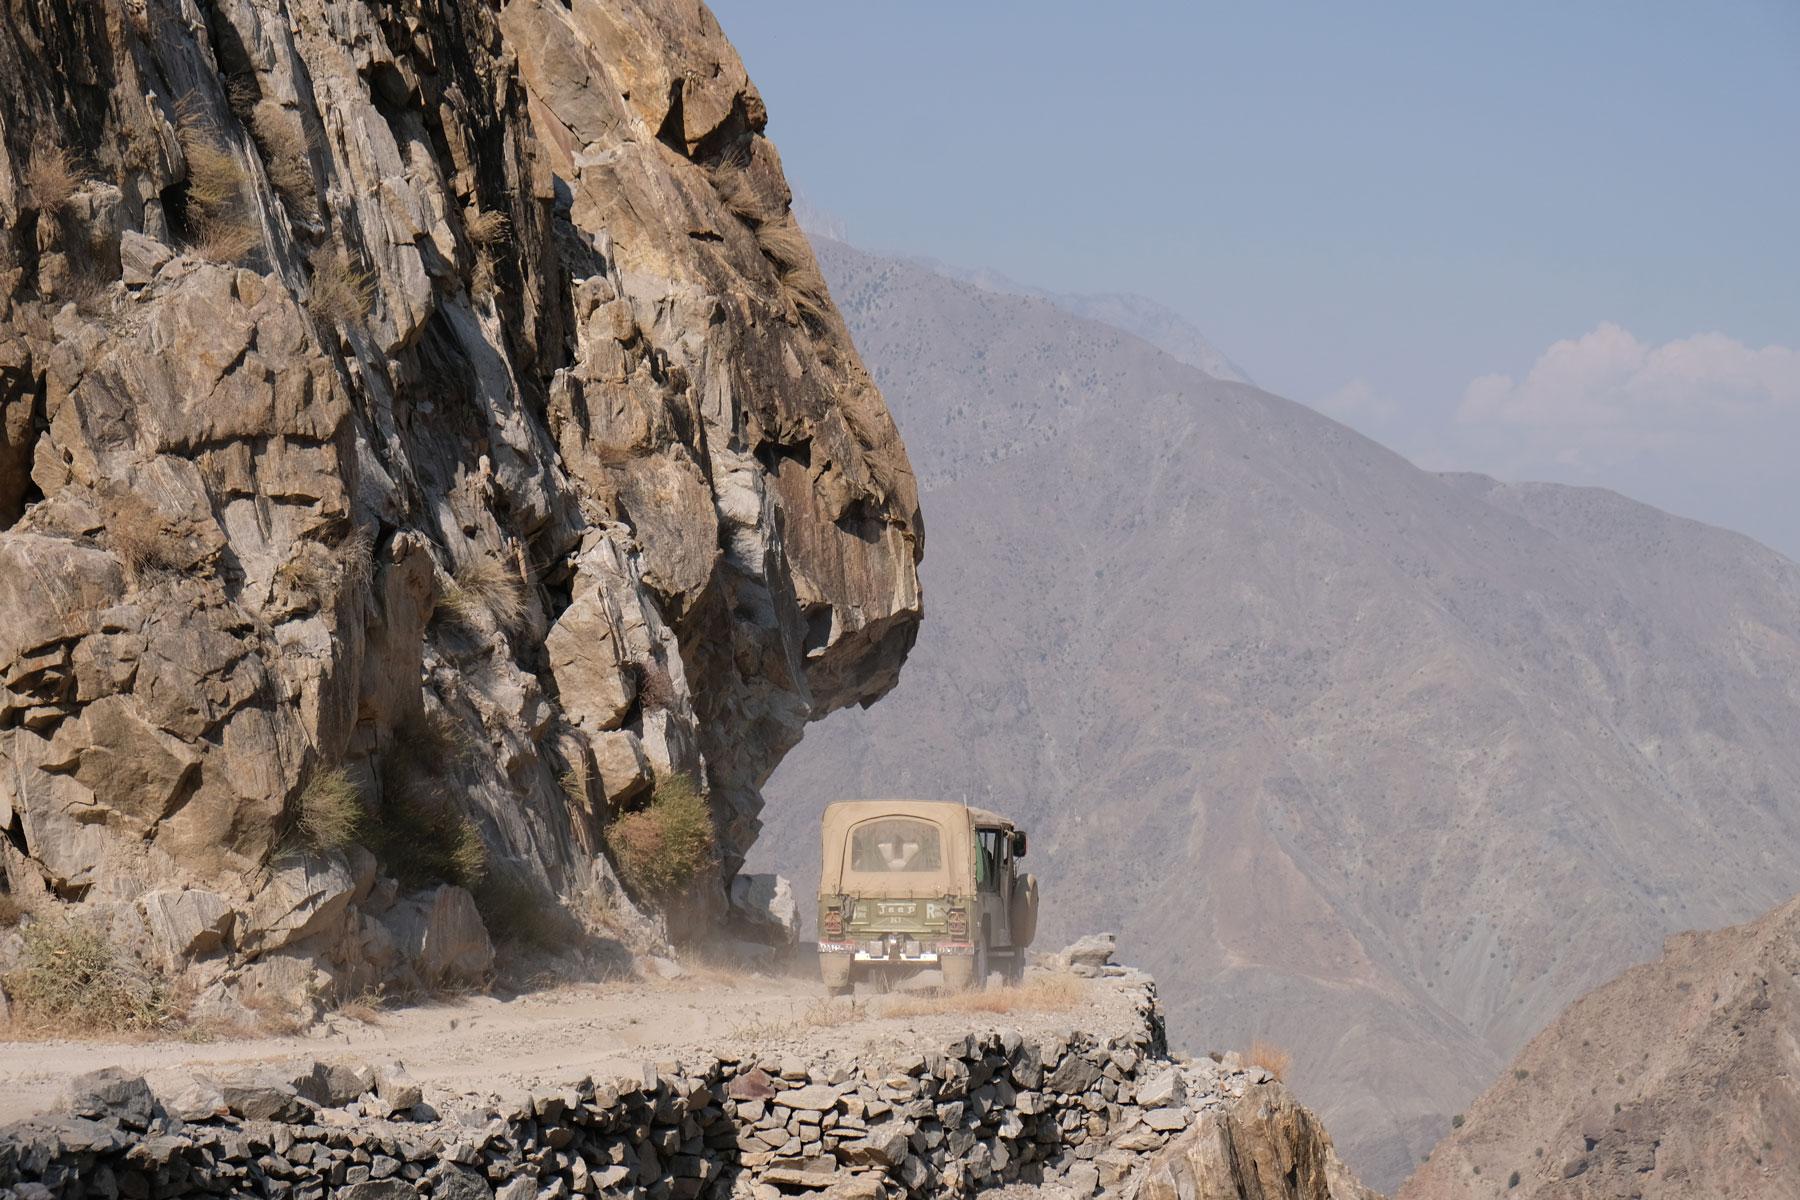 Ein Geländewagen fährt über eine Schotterstraße im Gebirge.